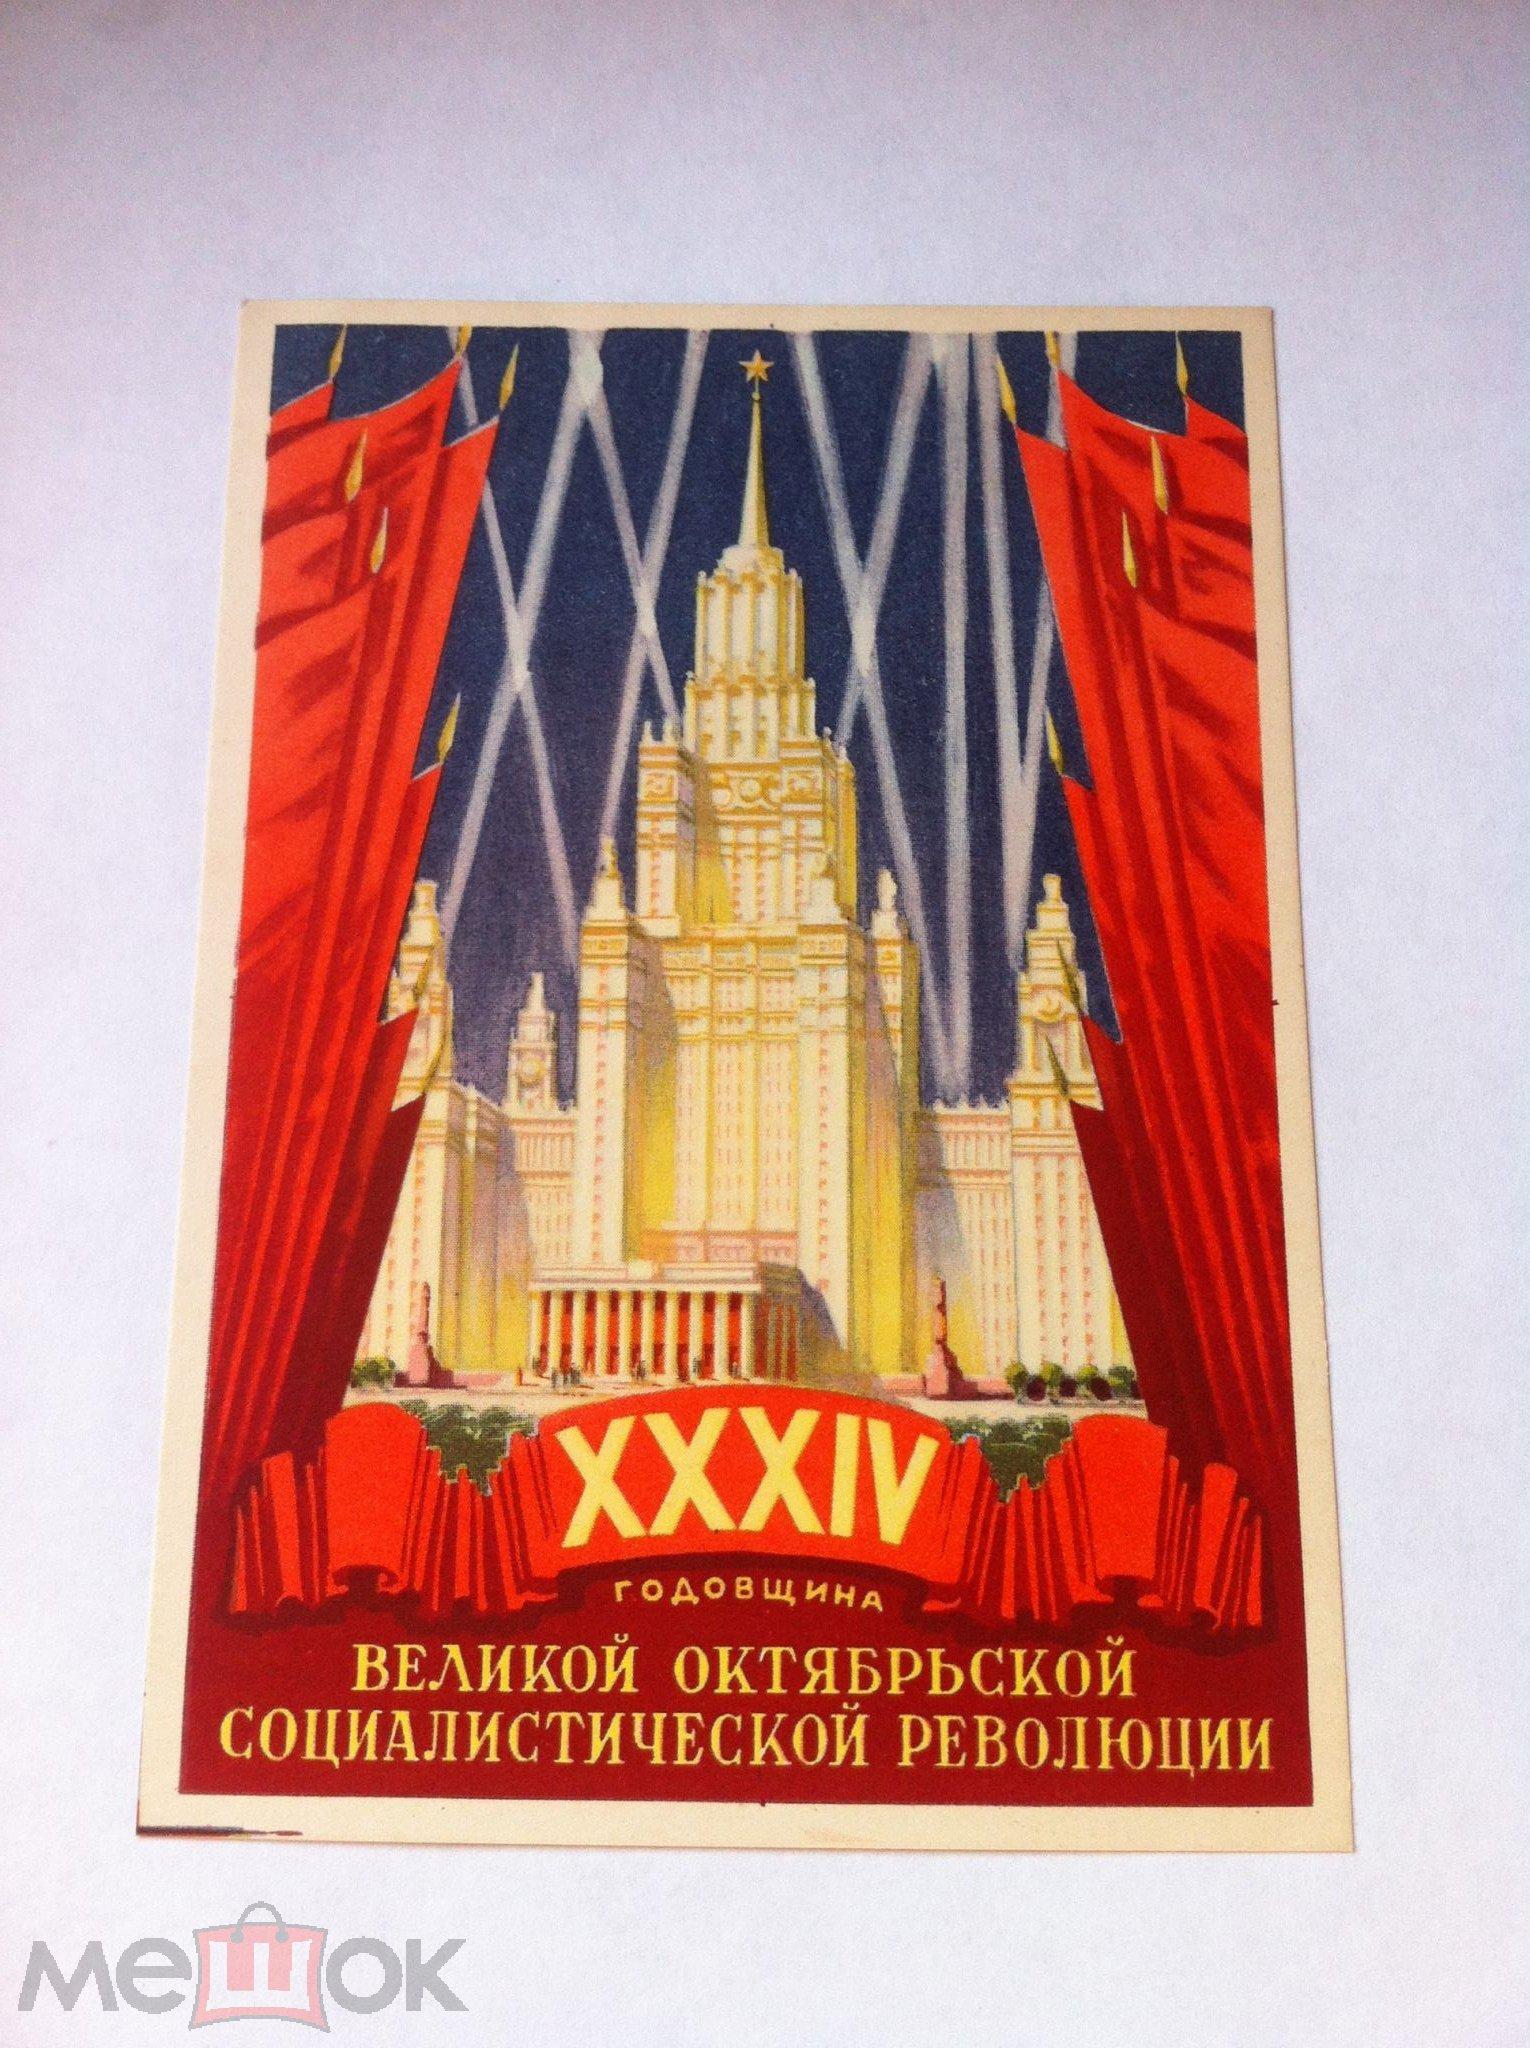 Открытка 101 годовщина великой октябрьской социалистической революции